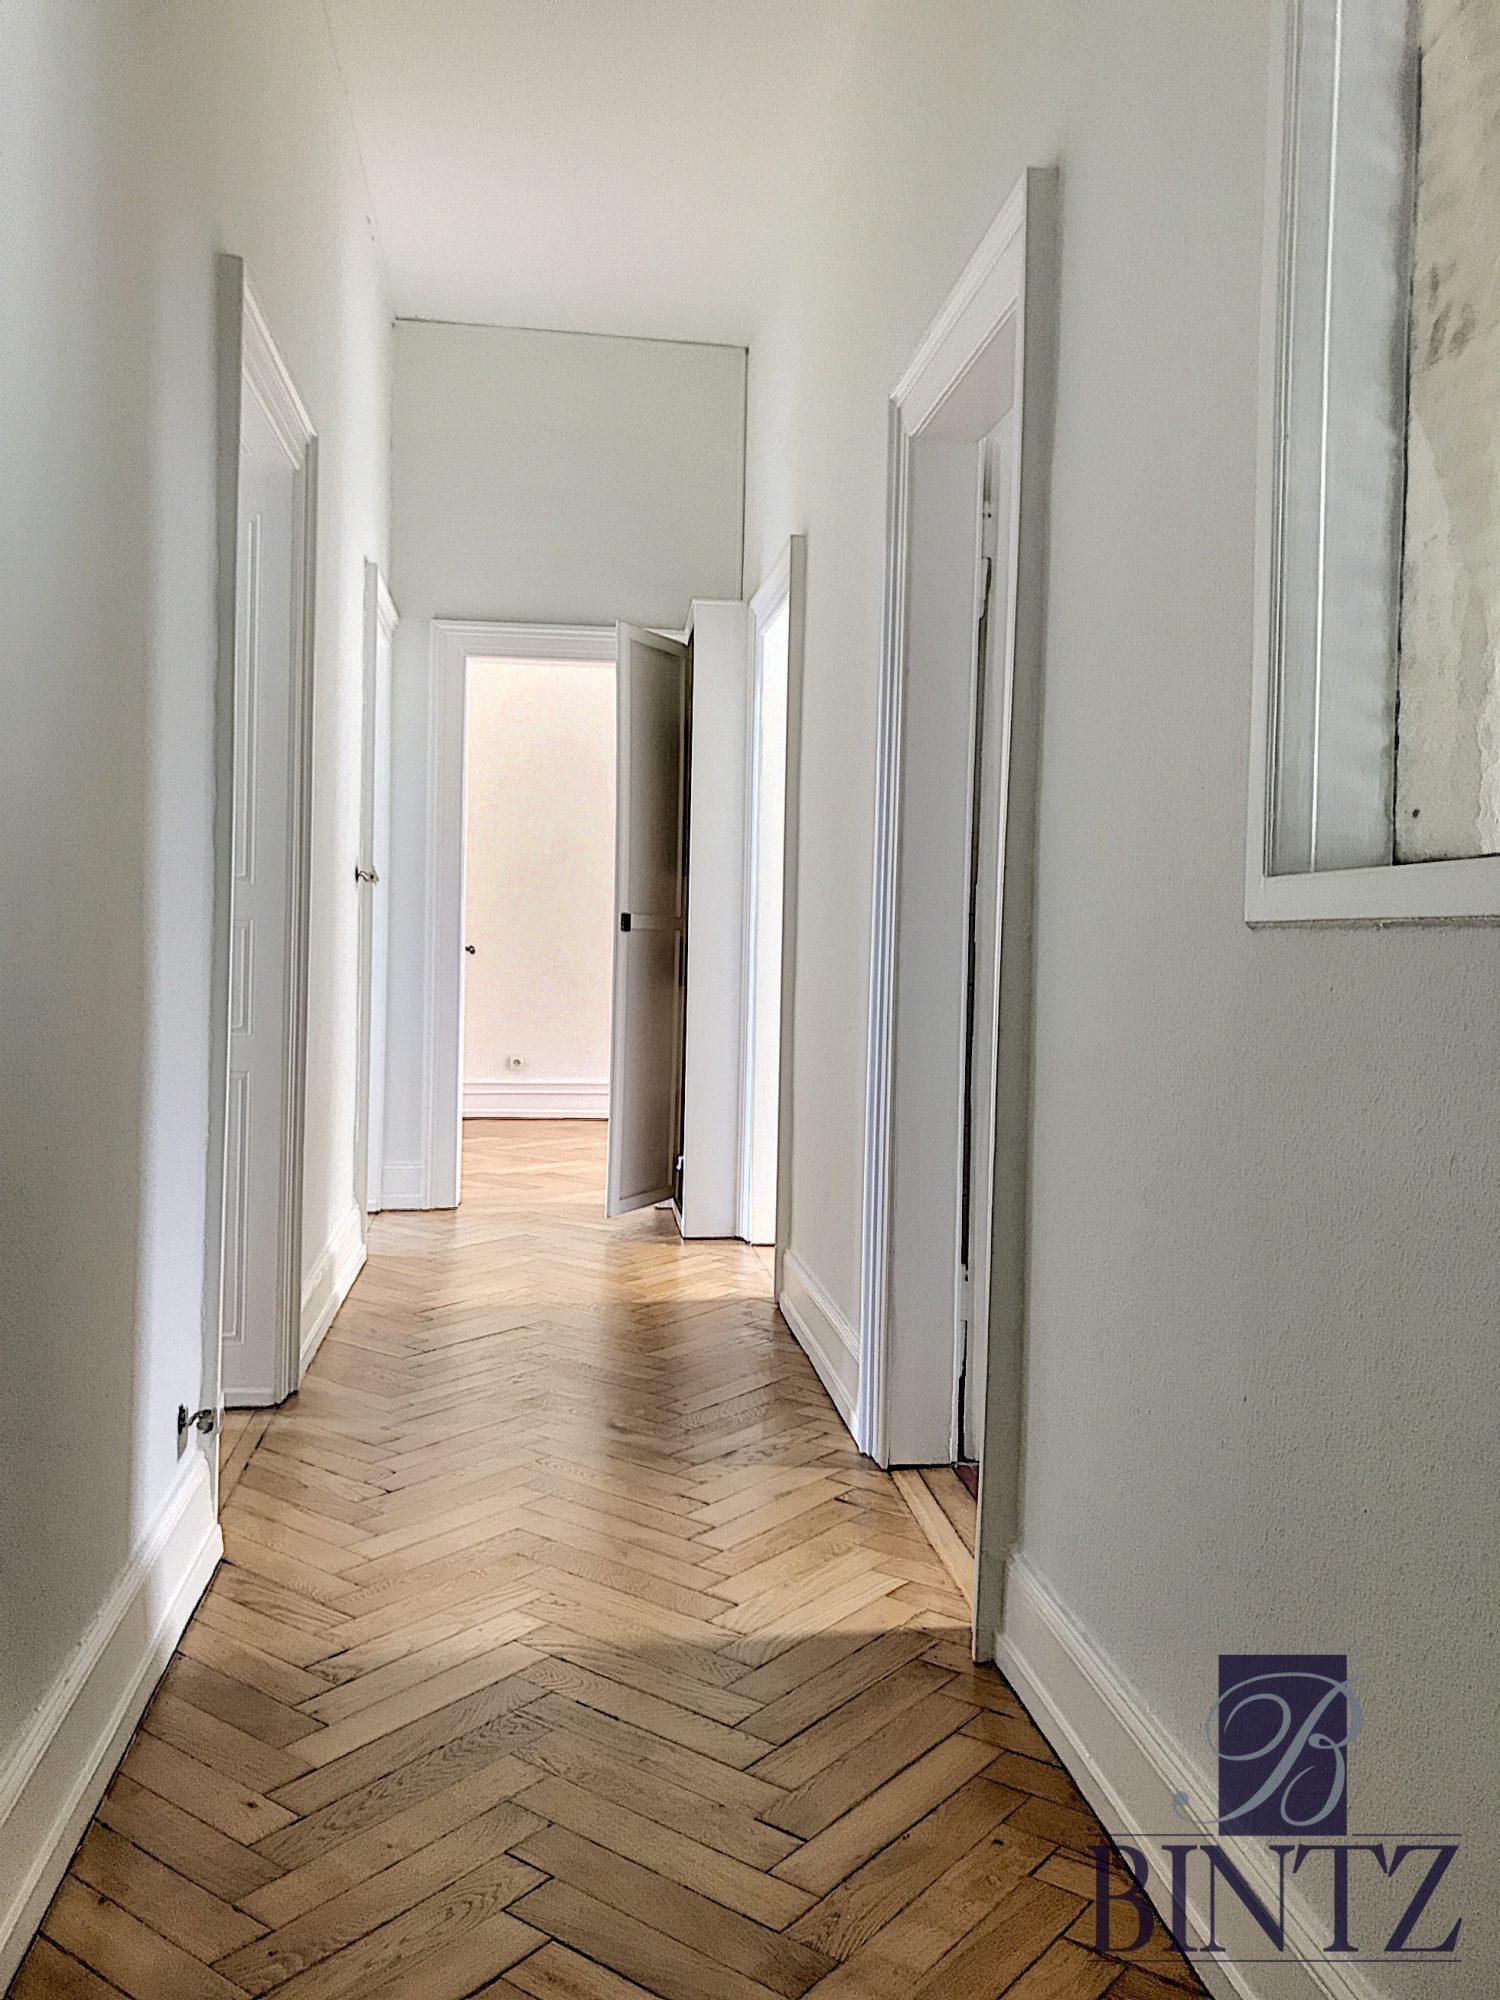 BEAU 4 PIÈCES SECTEUR FORET NOIRE - Devenez locataire en toute sérénité - Bintz Immobilier - 6